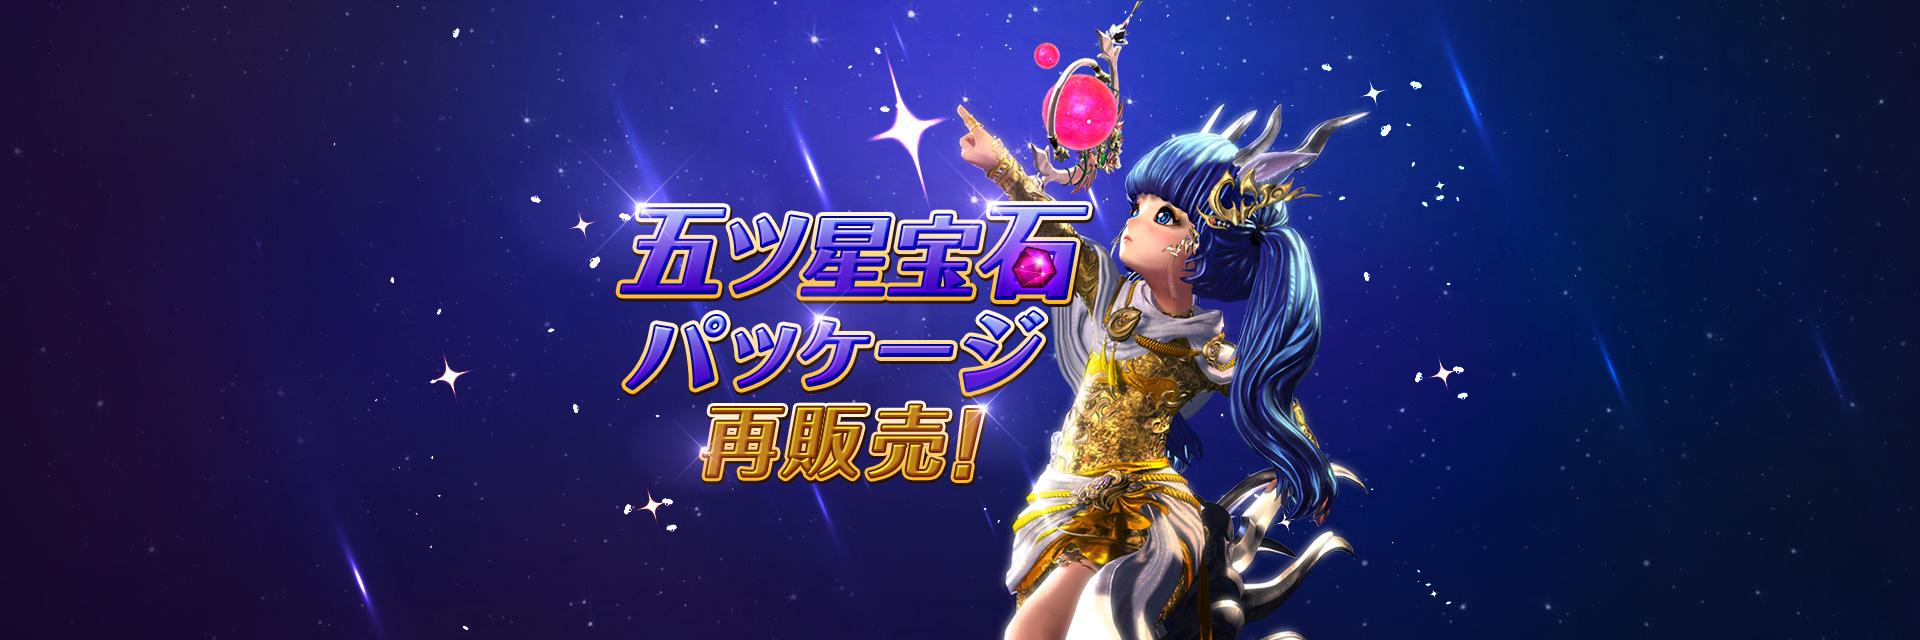 【販売】五ツ星宝石パッケージ販売